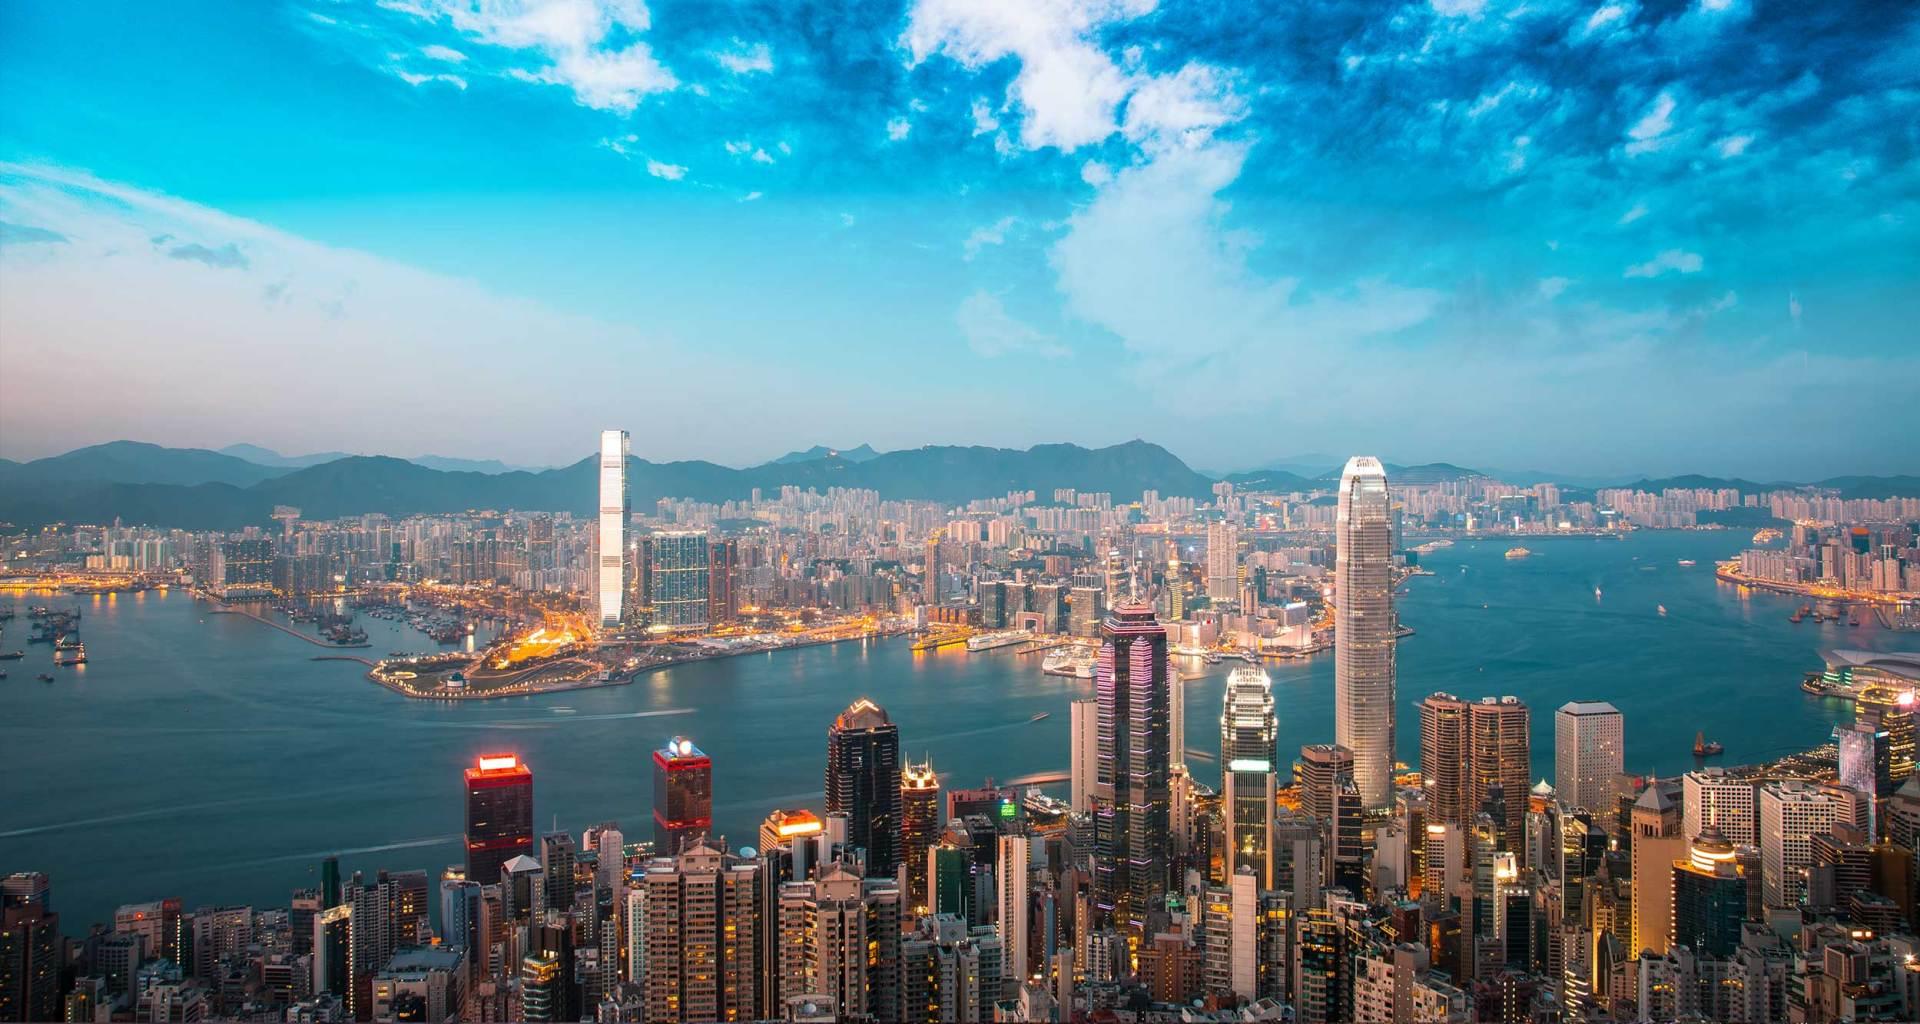 Hong Kong, China skyline.